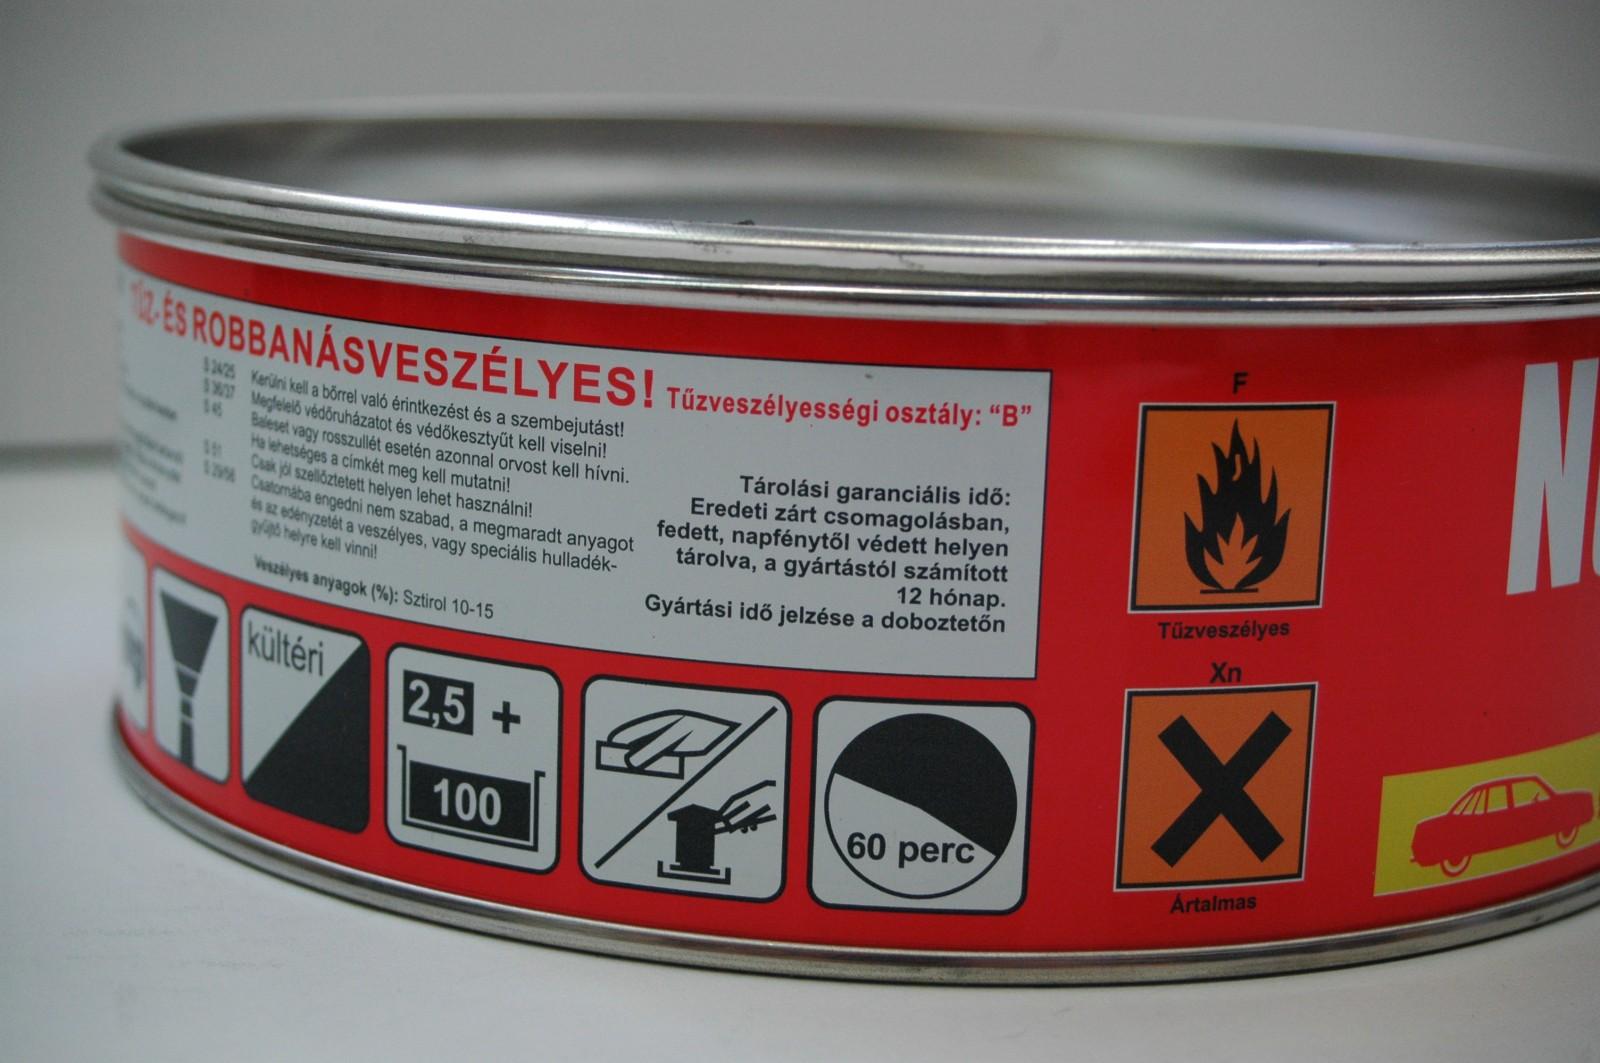 Veszélyes áruk csomagolása és jelölése